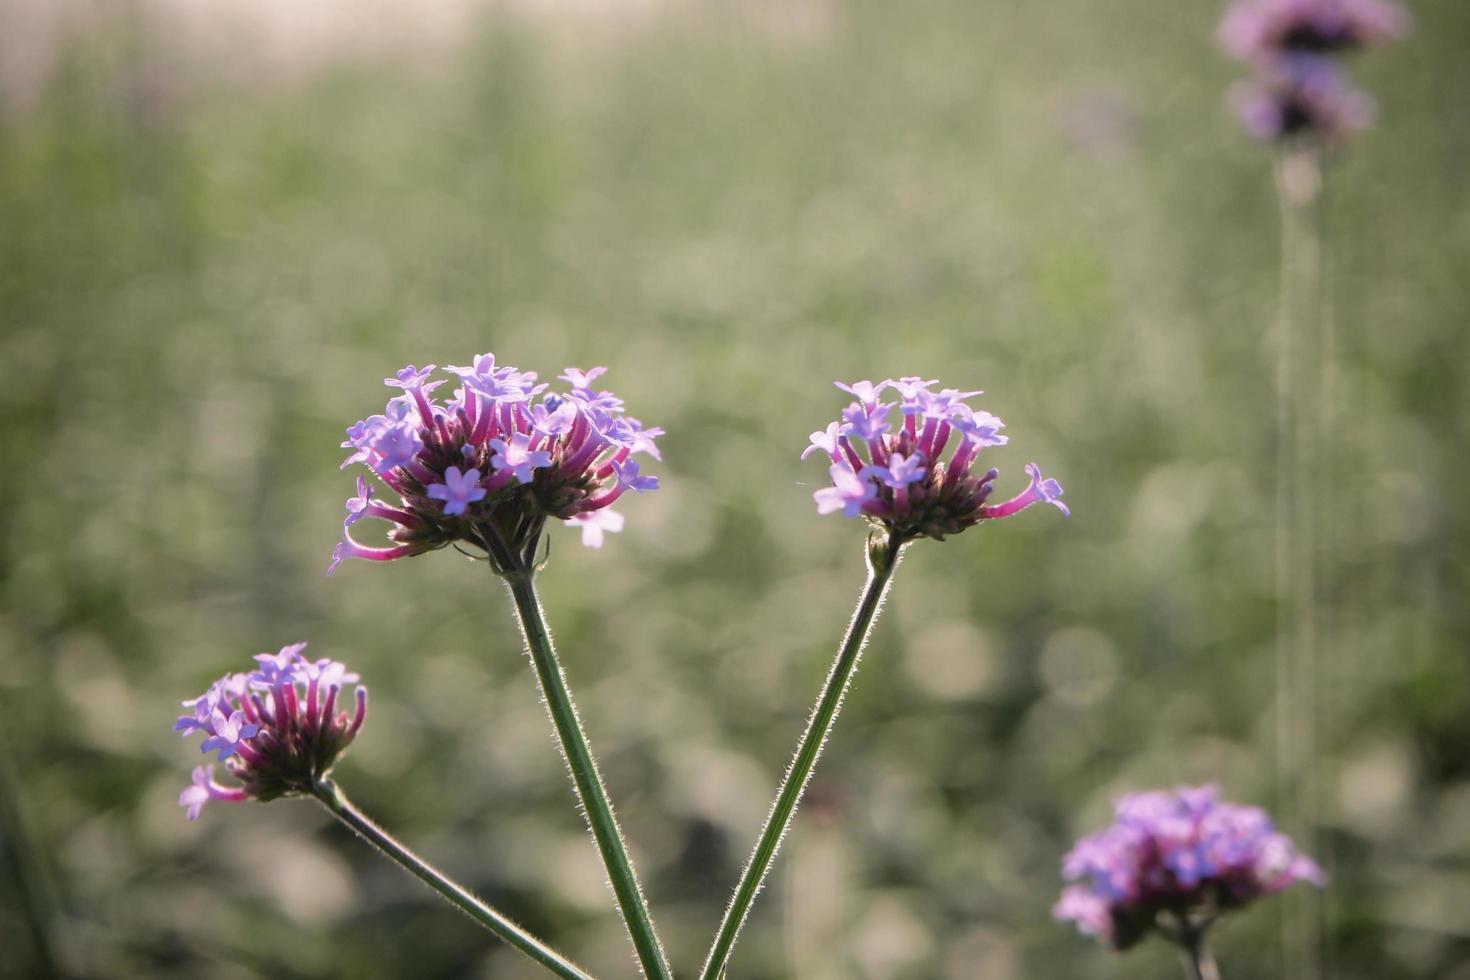 violett blomma i fält foto